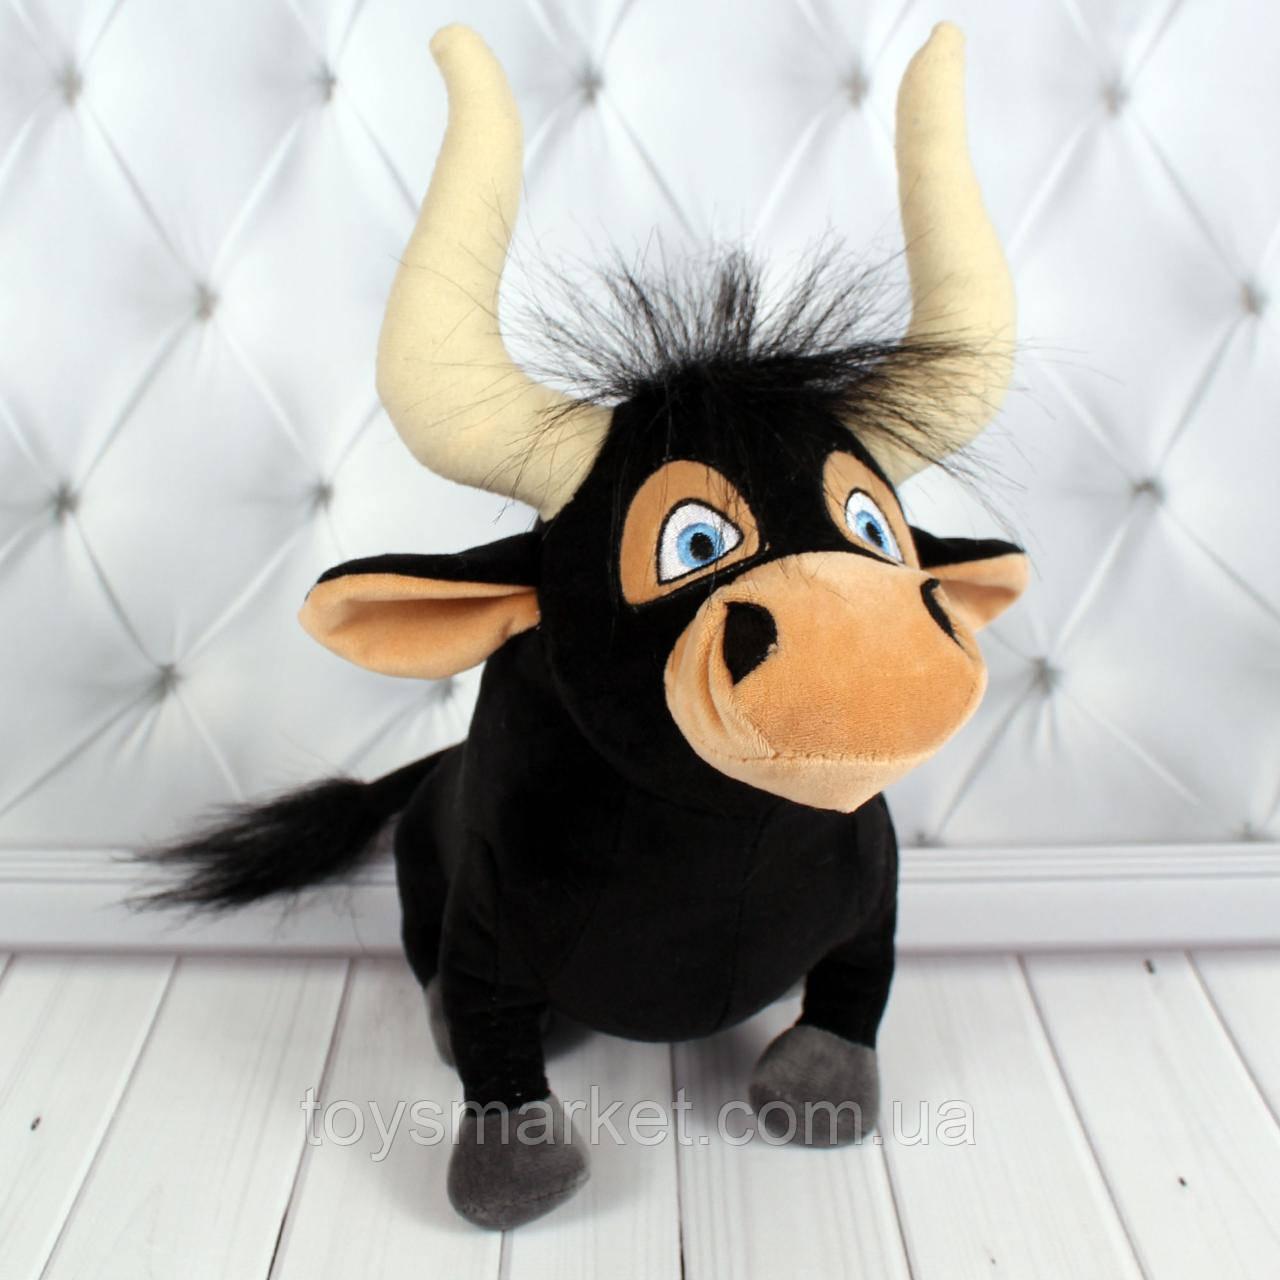 Мягкая игрушка бык Торнадо, плюшевый бычок 23 см.